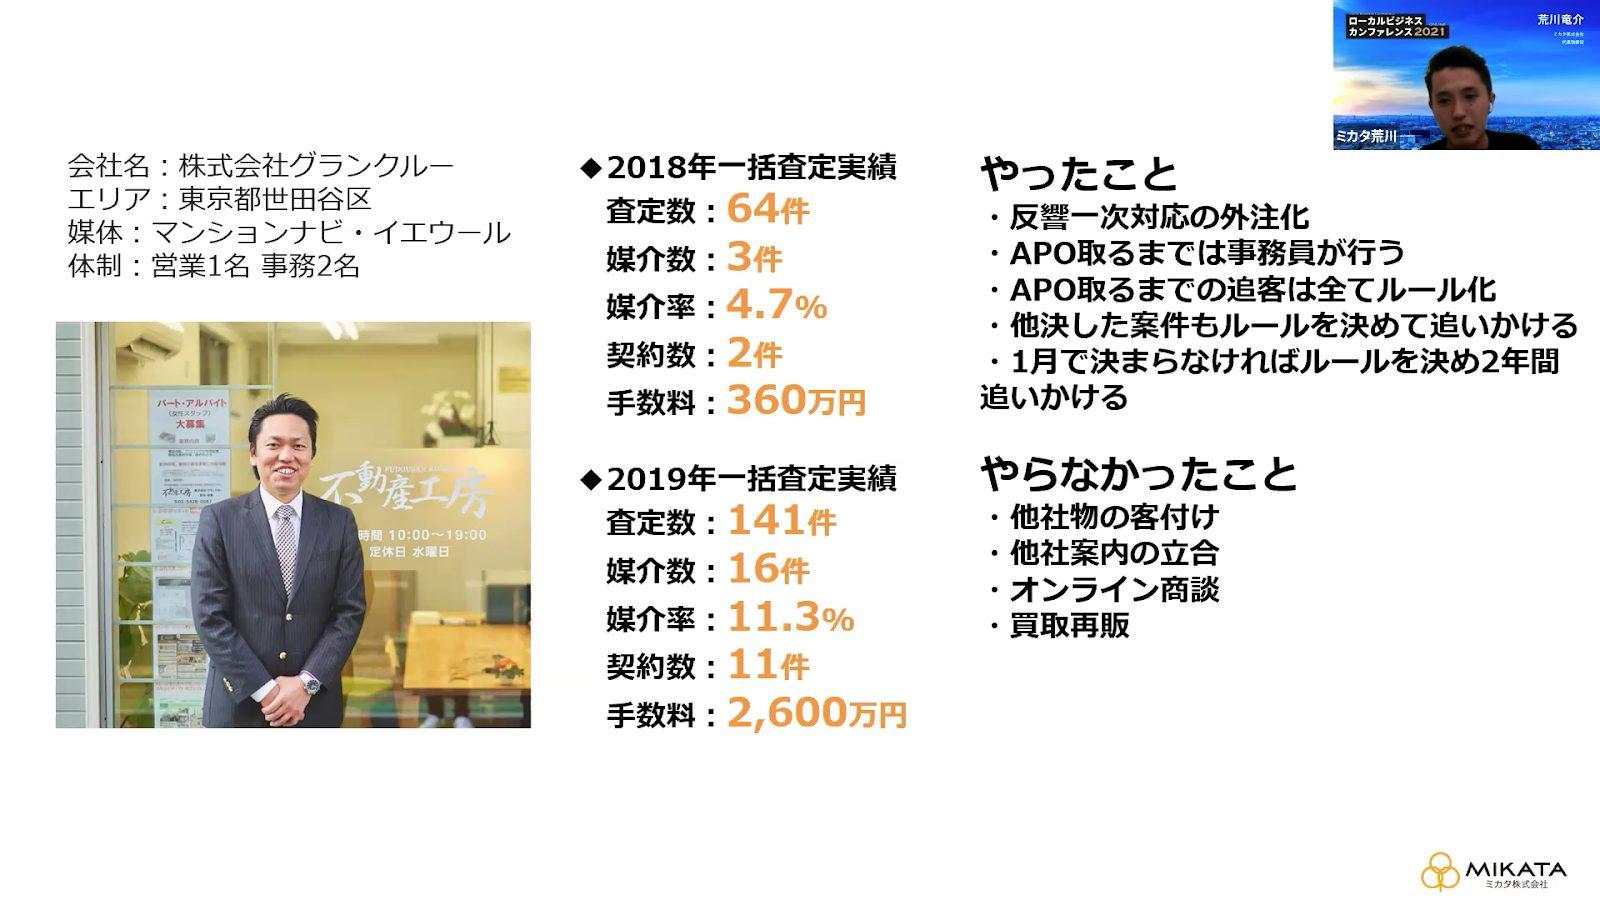 不動産会社の成功事例_ローカルビジネスカンファレンス2021